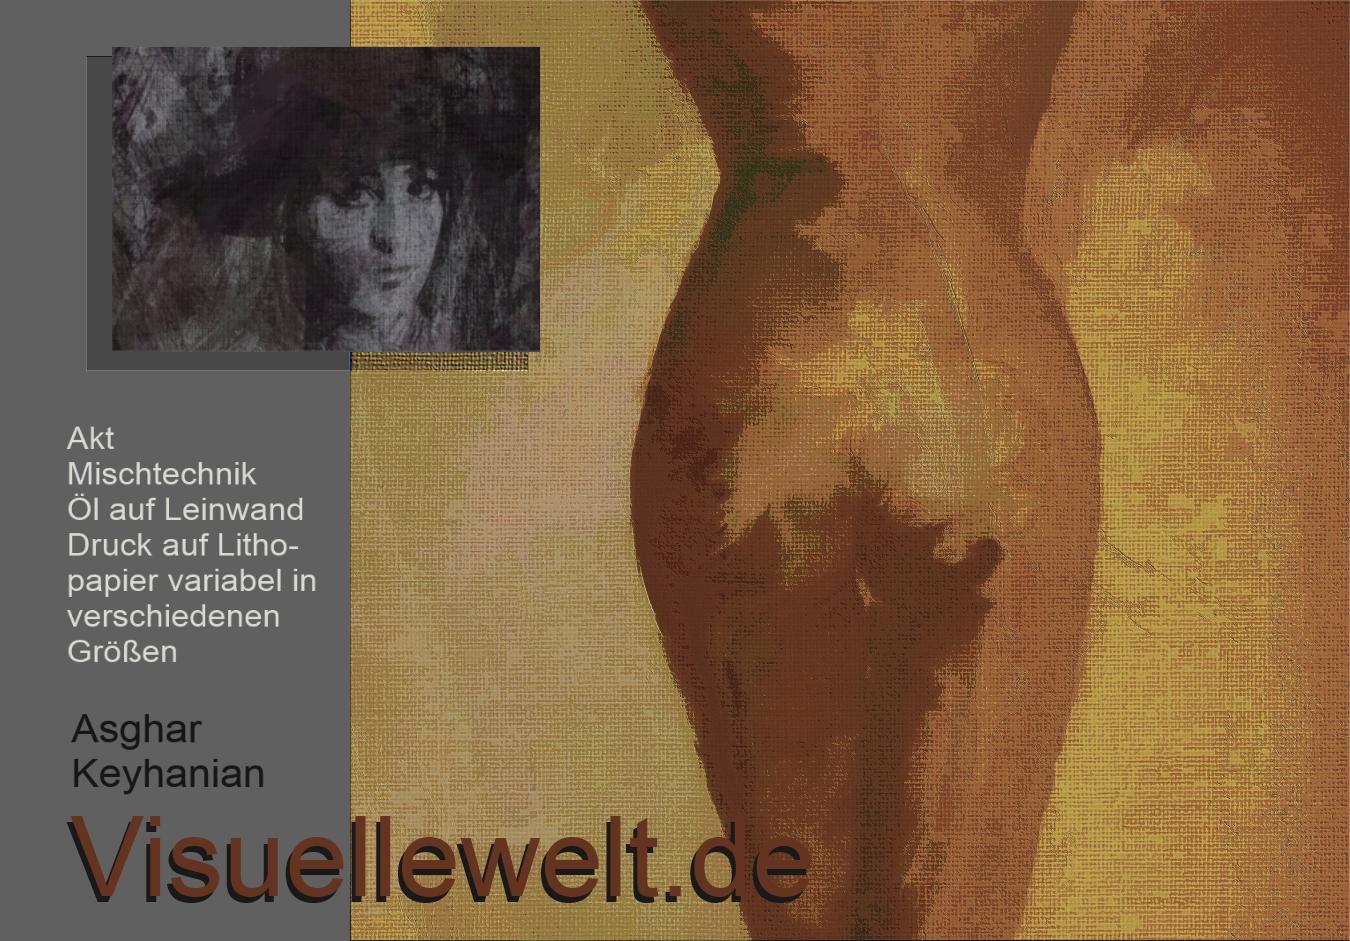 Weiblicher Akt – Mischtechnik auf Leinwand Druck auf Lithopapier, 50 x 50 cm Copyright A. Keyhanian